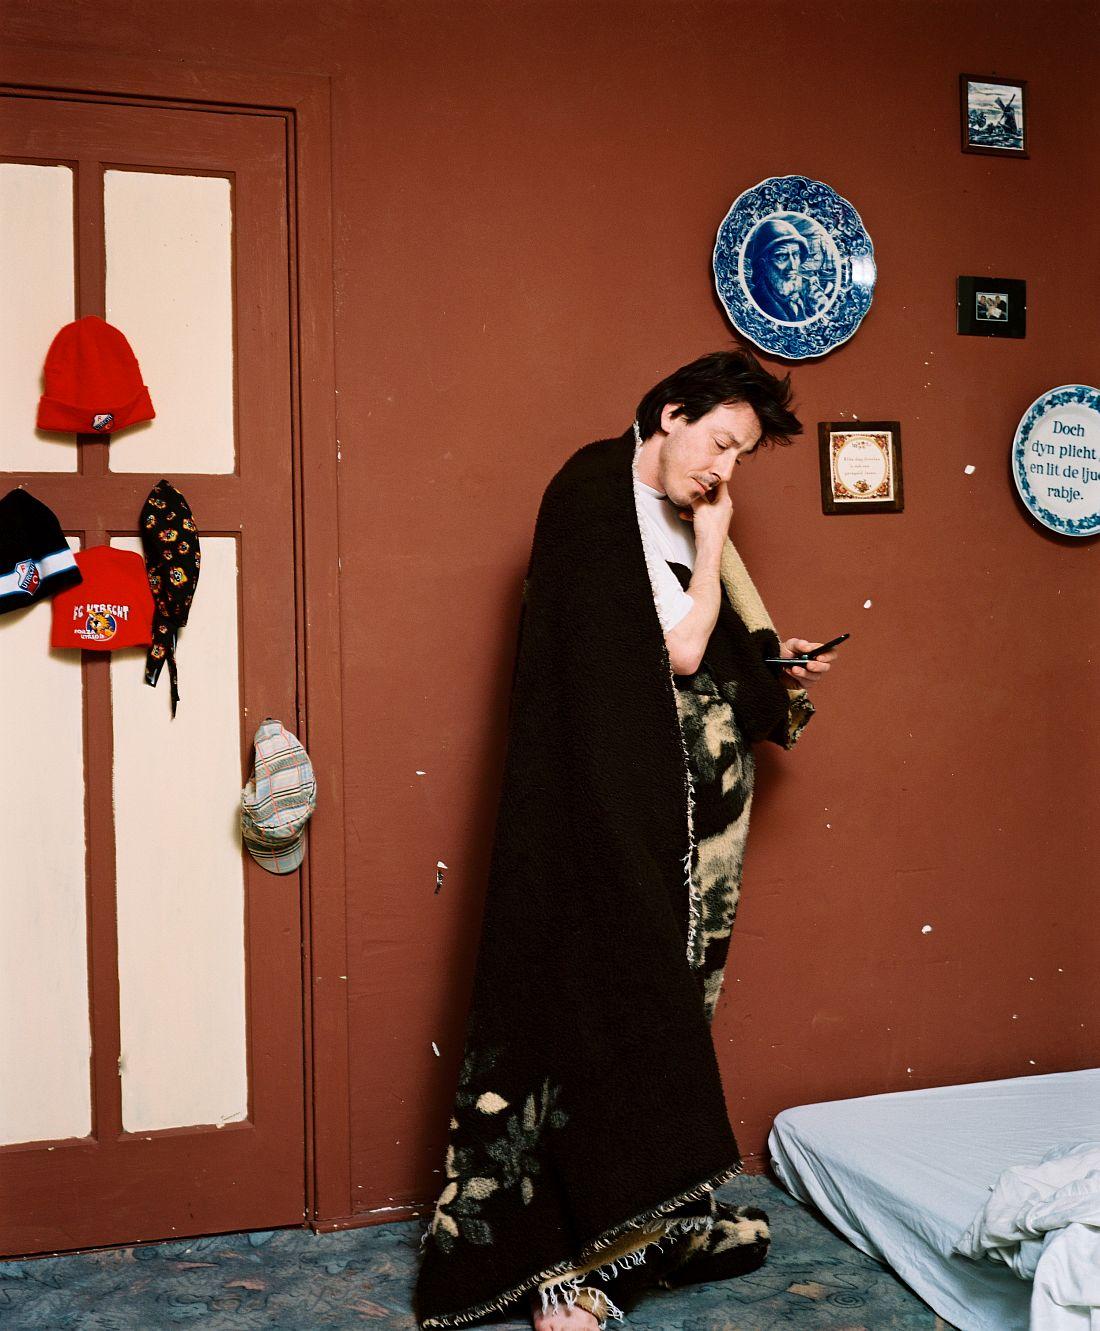 Utrecht, NEDERLAND, 2008 - Kid belt zijn moeder vanuit zijn slaapkamer in de Utrechtse volkswijk Ondiep. Omdat hij zelf nooit beltegoed heeft, is hij afhankelijk van de telefoons van zijn buren. Niet zelden staat hij direct nadat hij is opgestaan en vrijwel alleen gewikkeld in een deken bij hen voor de deur om te vragen of hij even mag bellen..© ROB HORNSTRA / +31 6 14365936..Utrecht, NETHERLANDS, 2008 - .© ROB HORNSTRA / +31 6 14365936